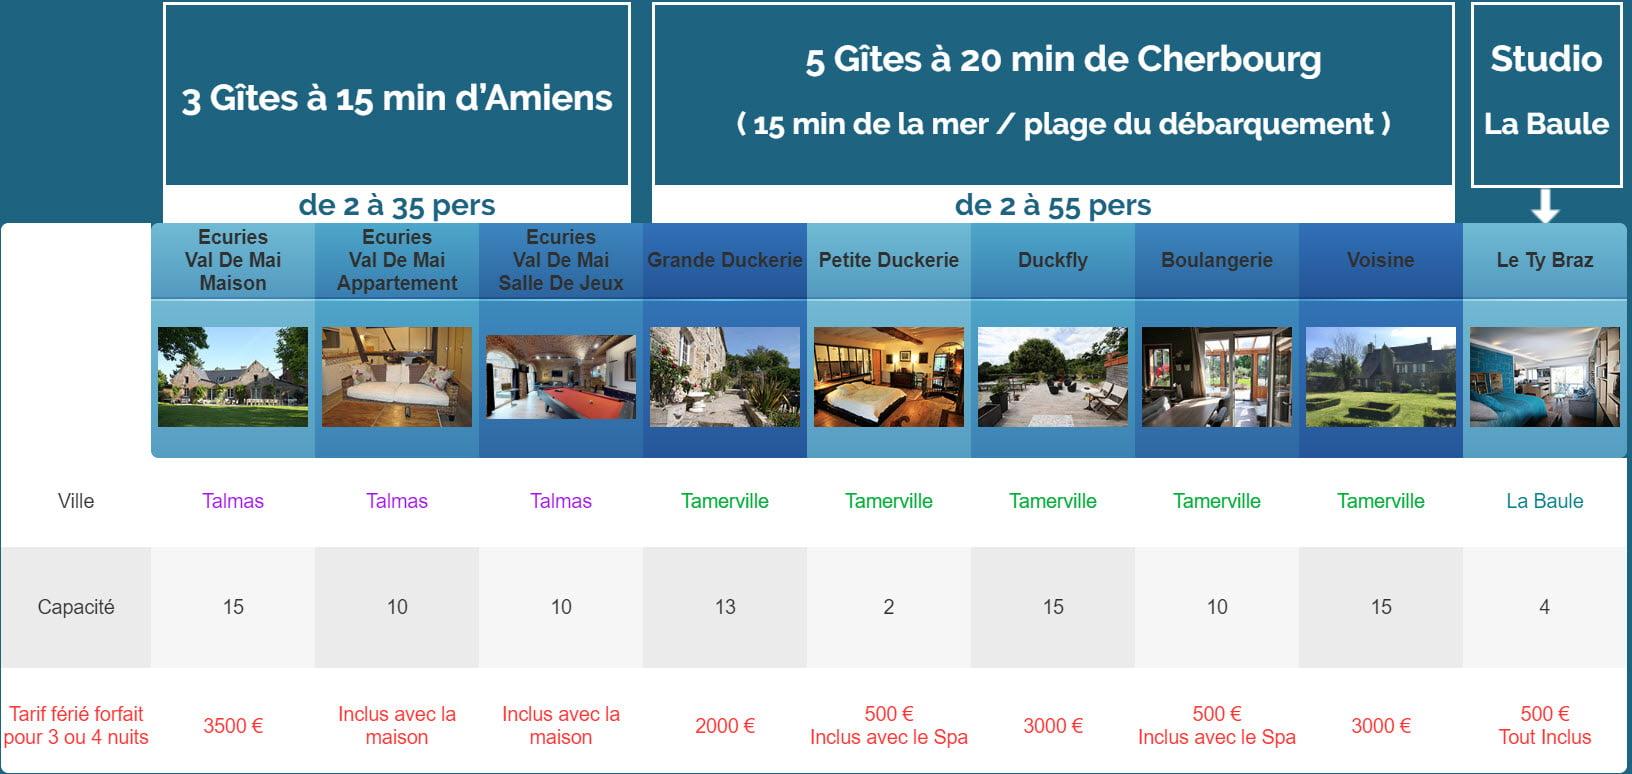 feriee ancien gites - Tarifs - Location de Gite La Clef Decamp - Laclefdecamp.fr